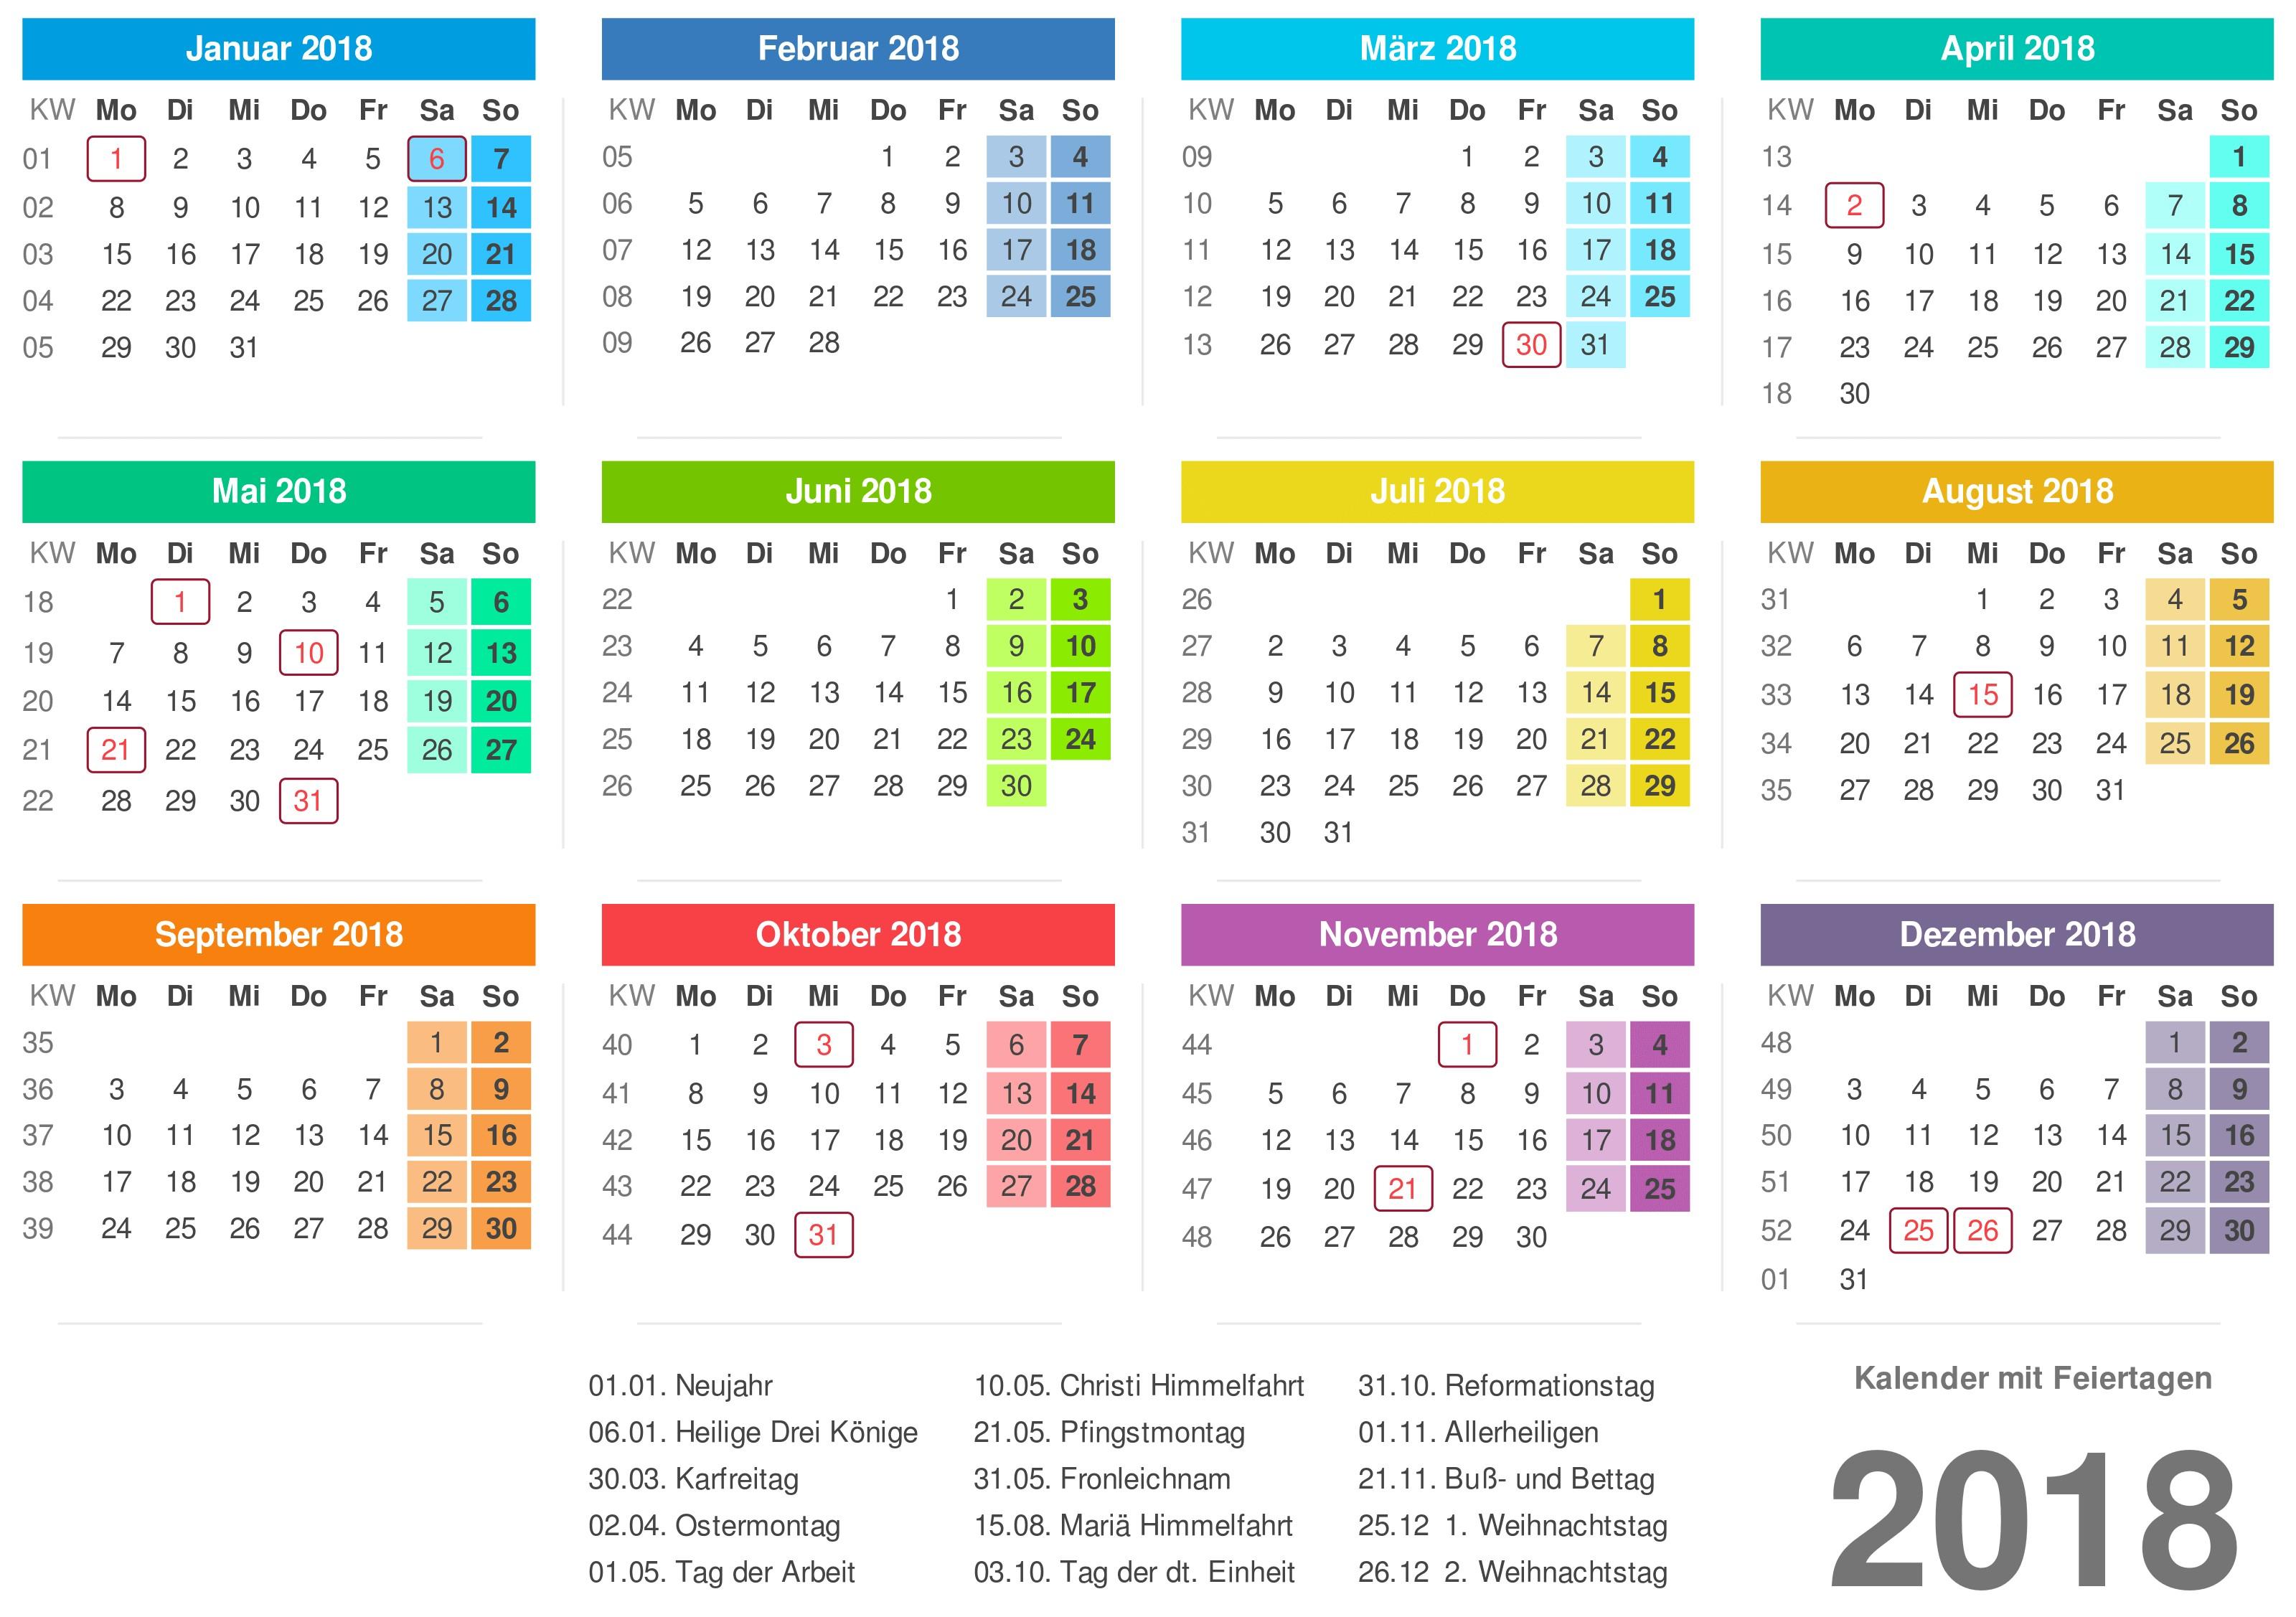 kalender mit feiertagen with kalender